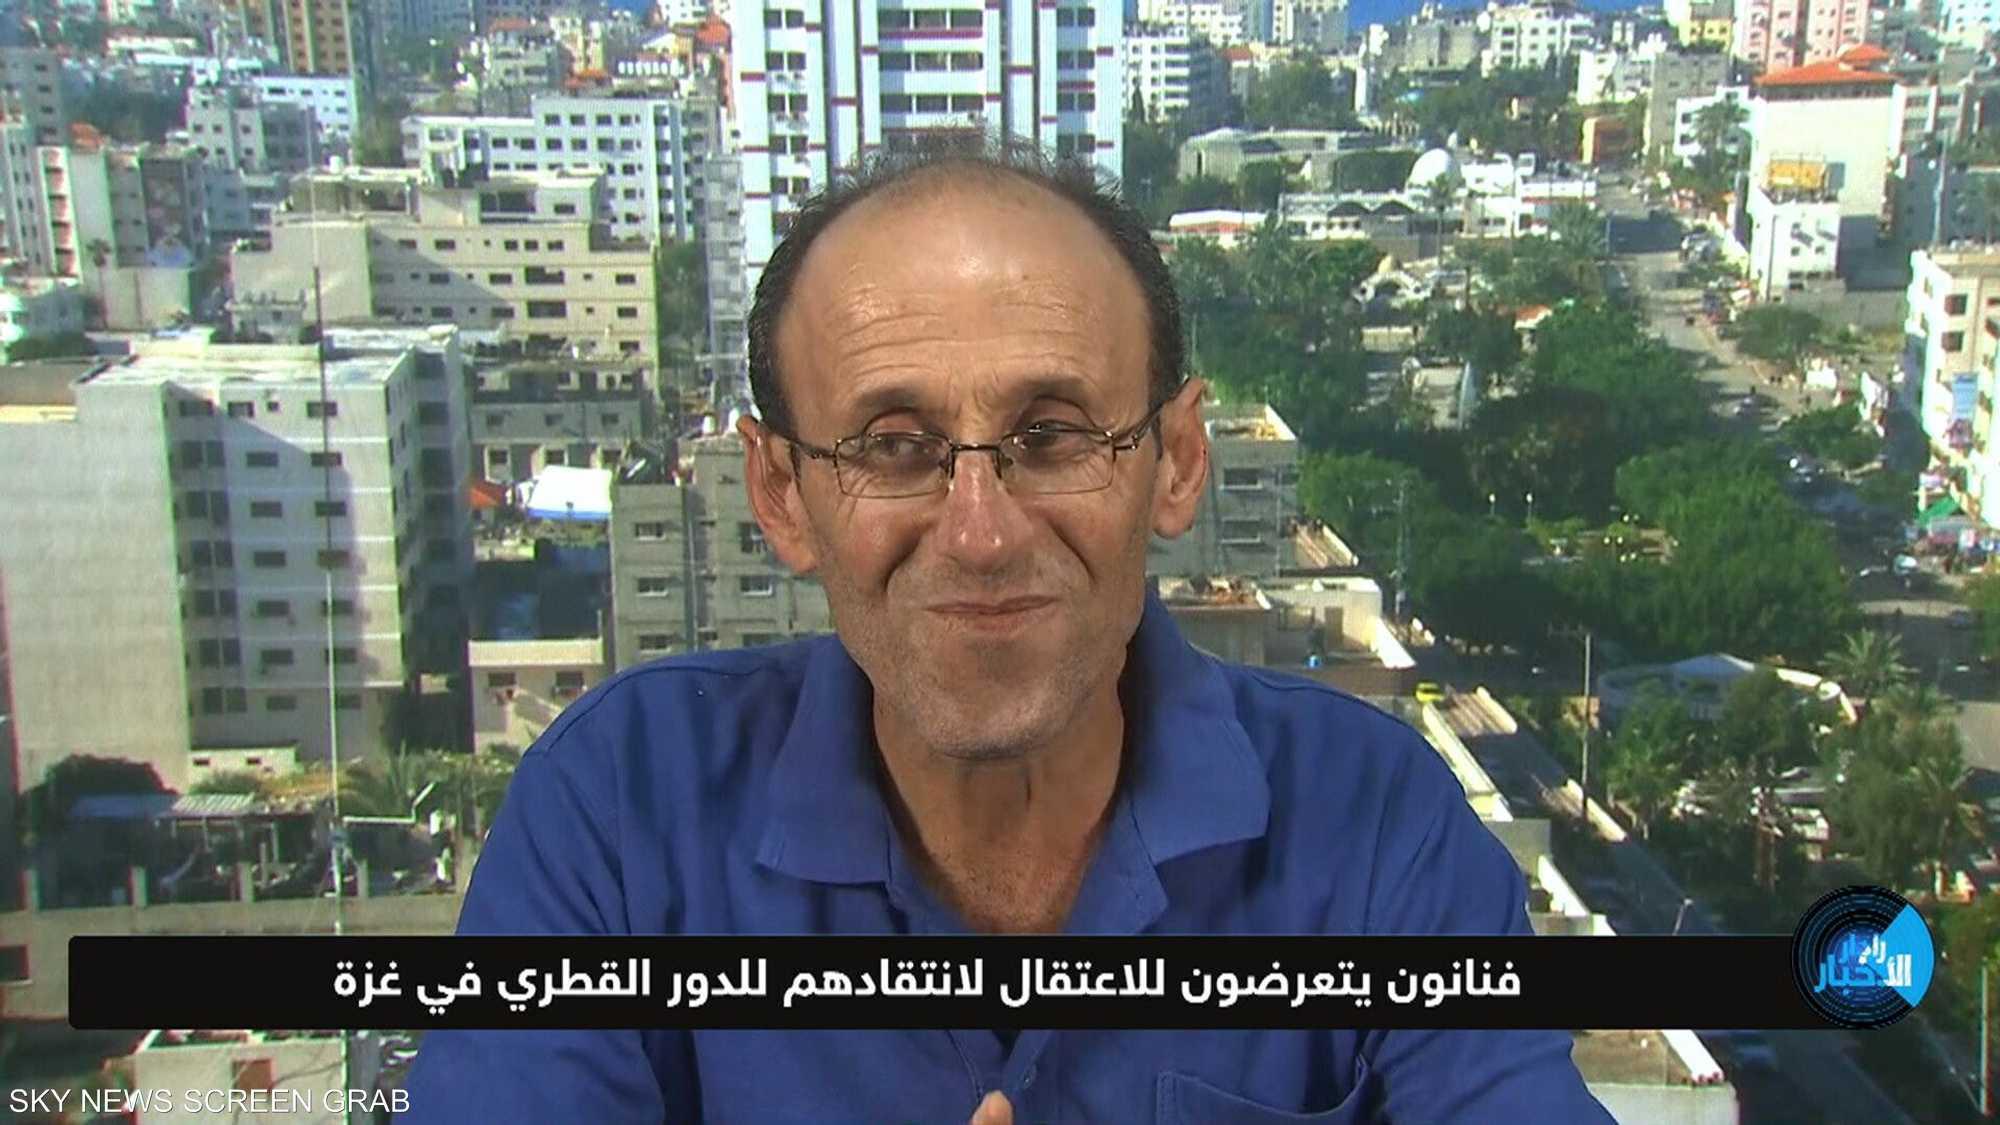 الأغنية الشعبية وسيلة لنقد الواقعين السياسي والمعيشي في غزة